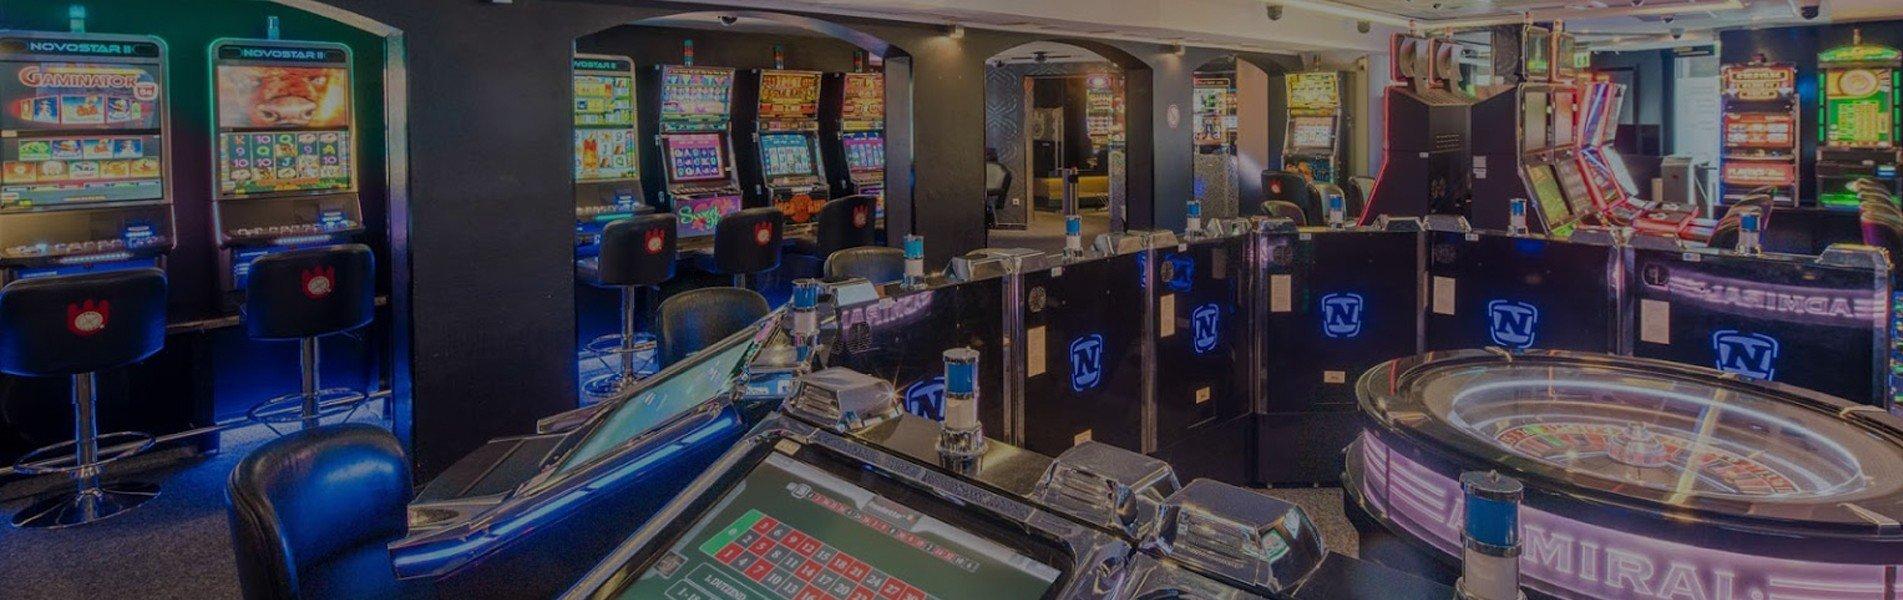 Spielbank Steindamm 3